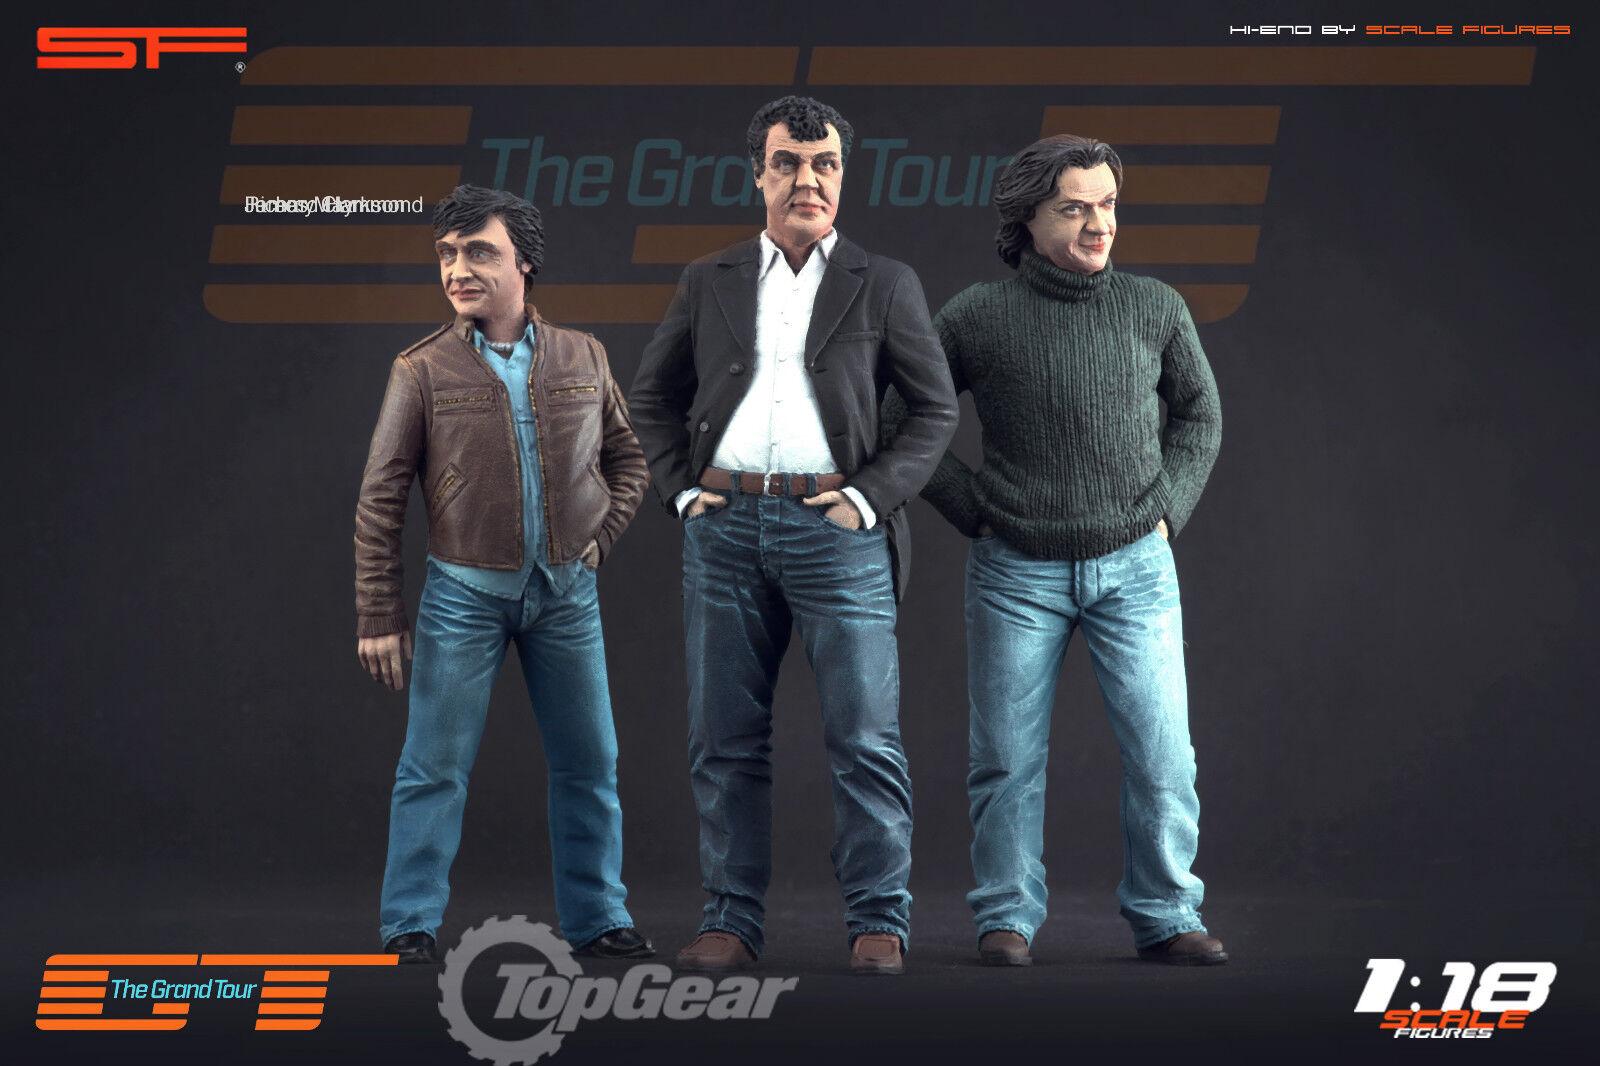 1 18 Grand Tour, Top Gear Trio statyer MYCKET RARE Herregud för 1 18